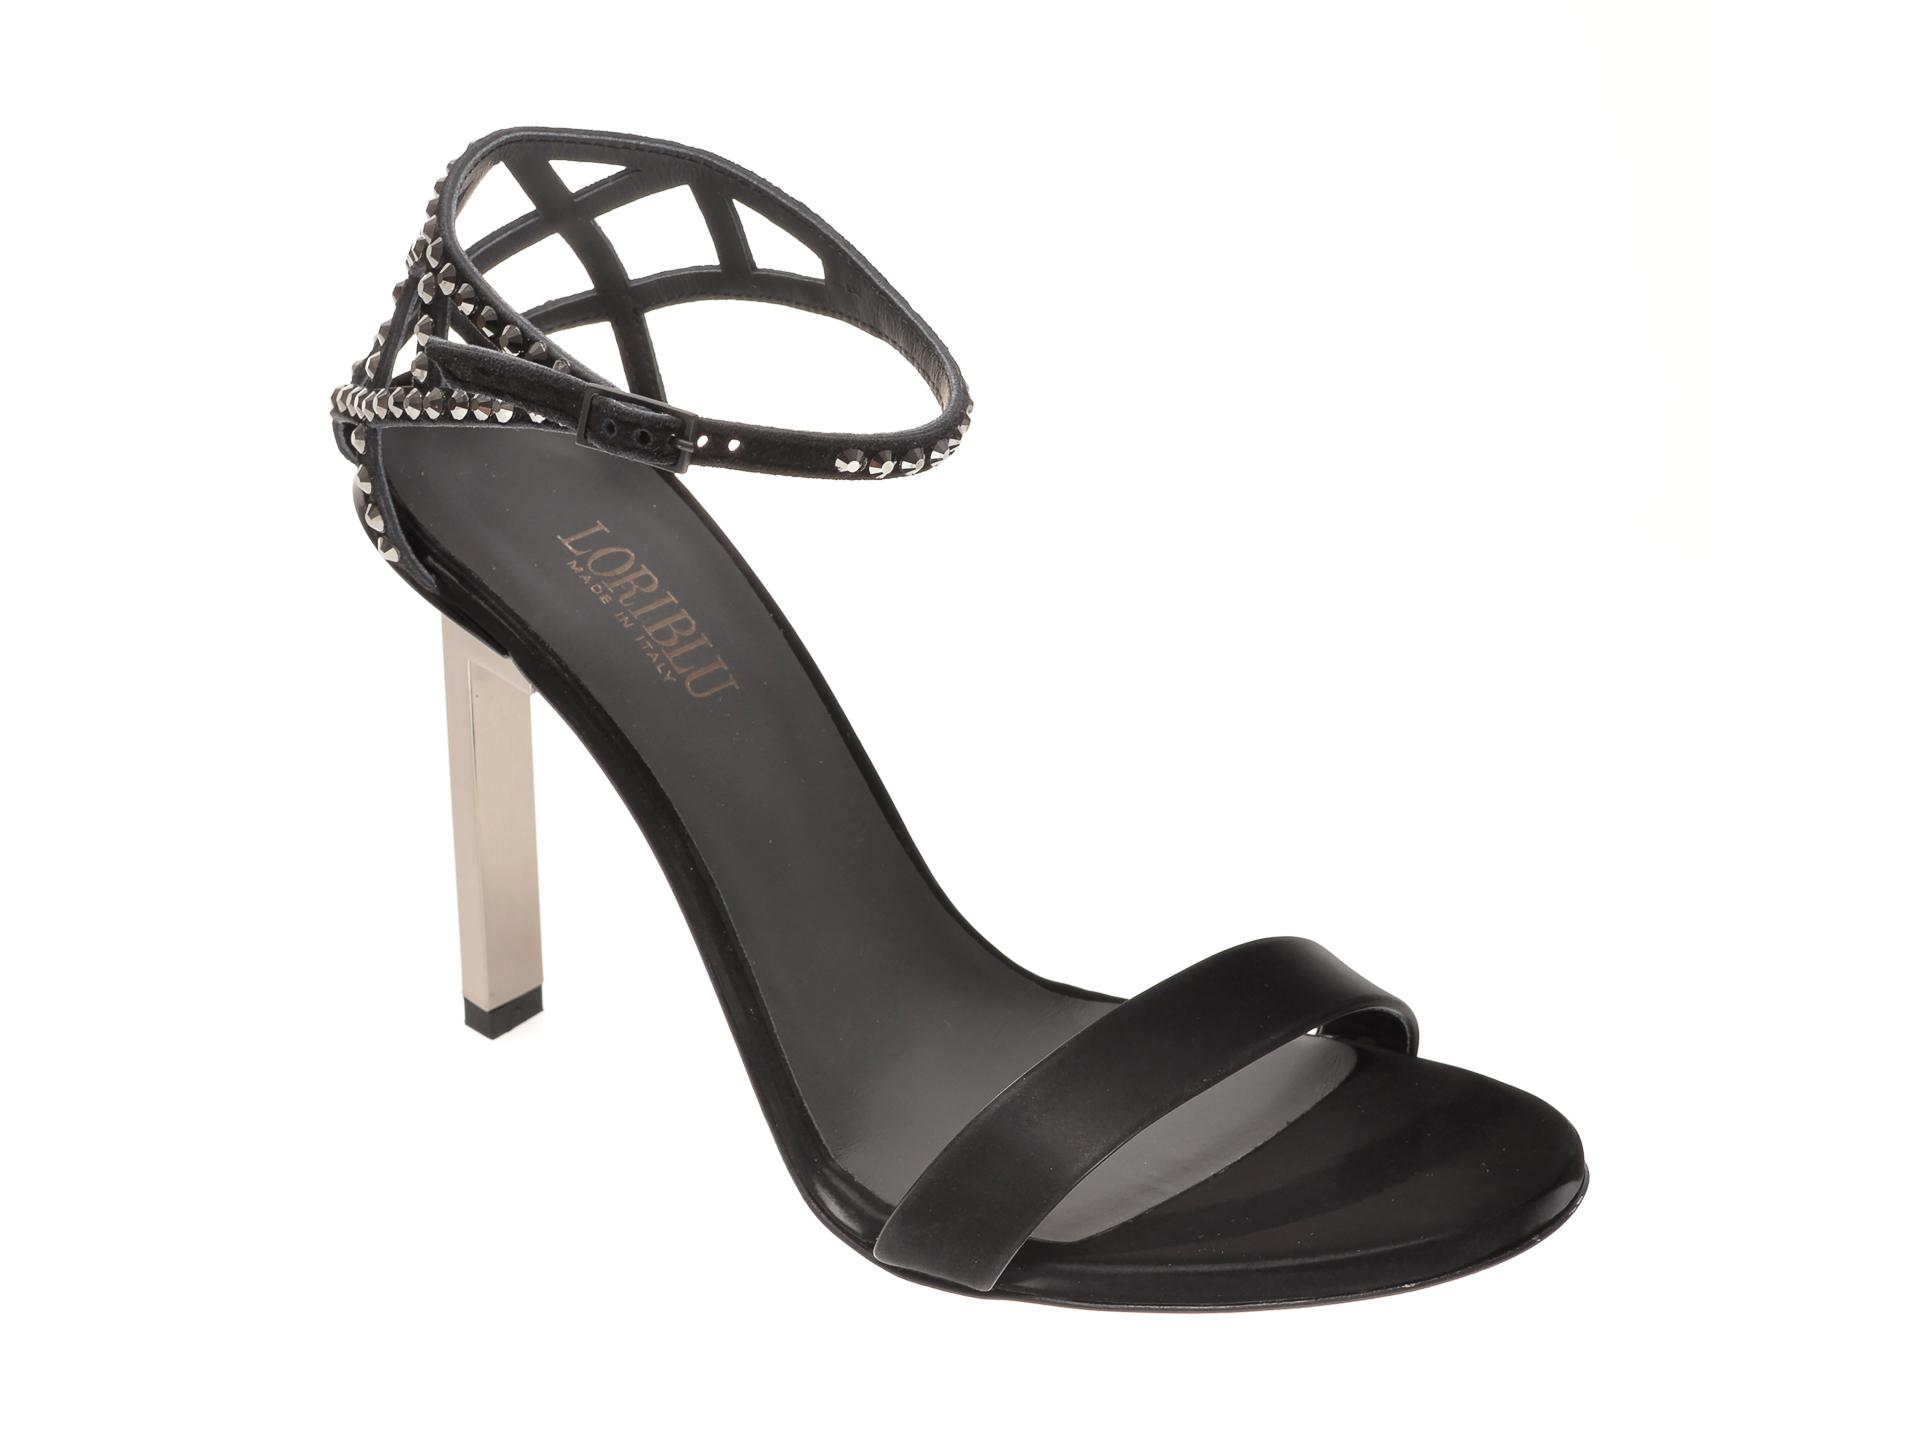 Sandale LORIBLU negre, I10028, din material textil